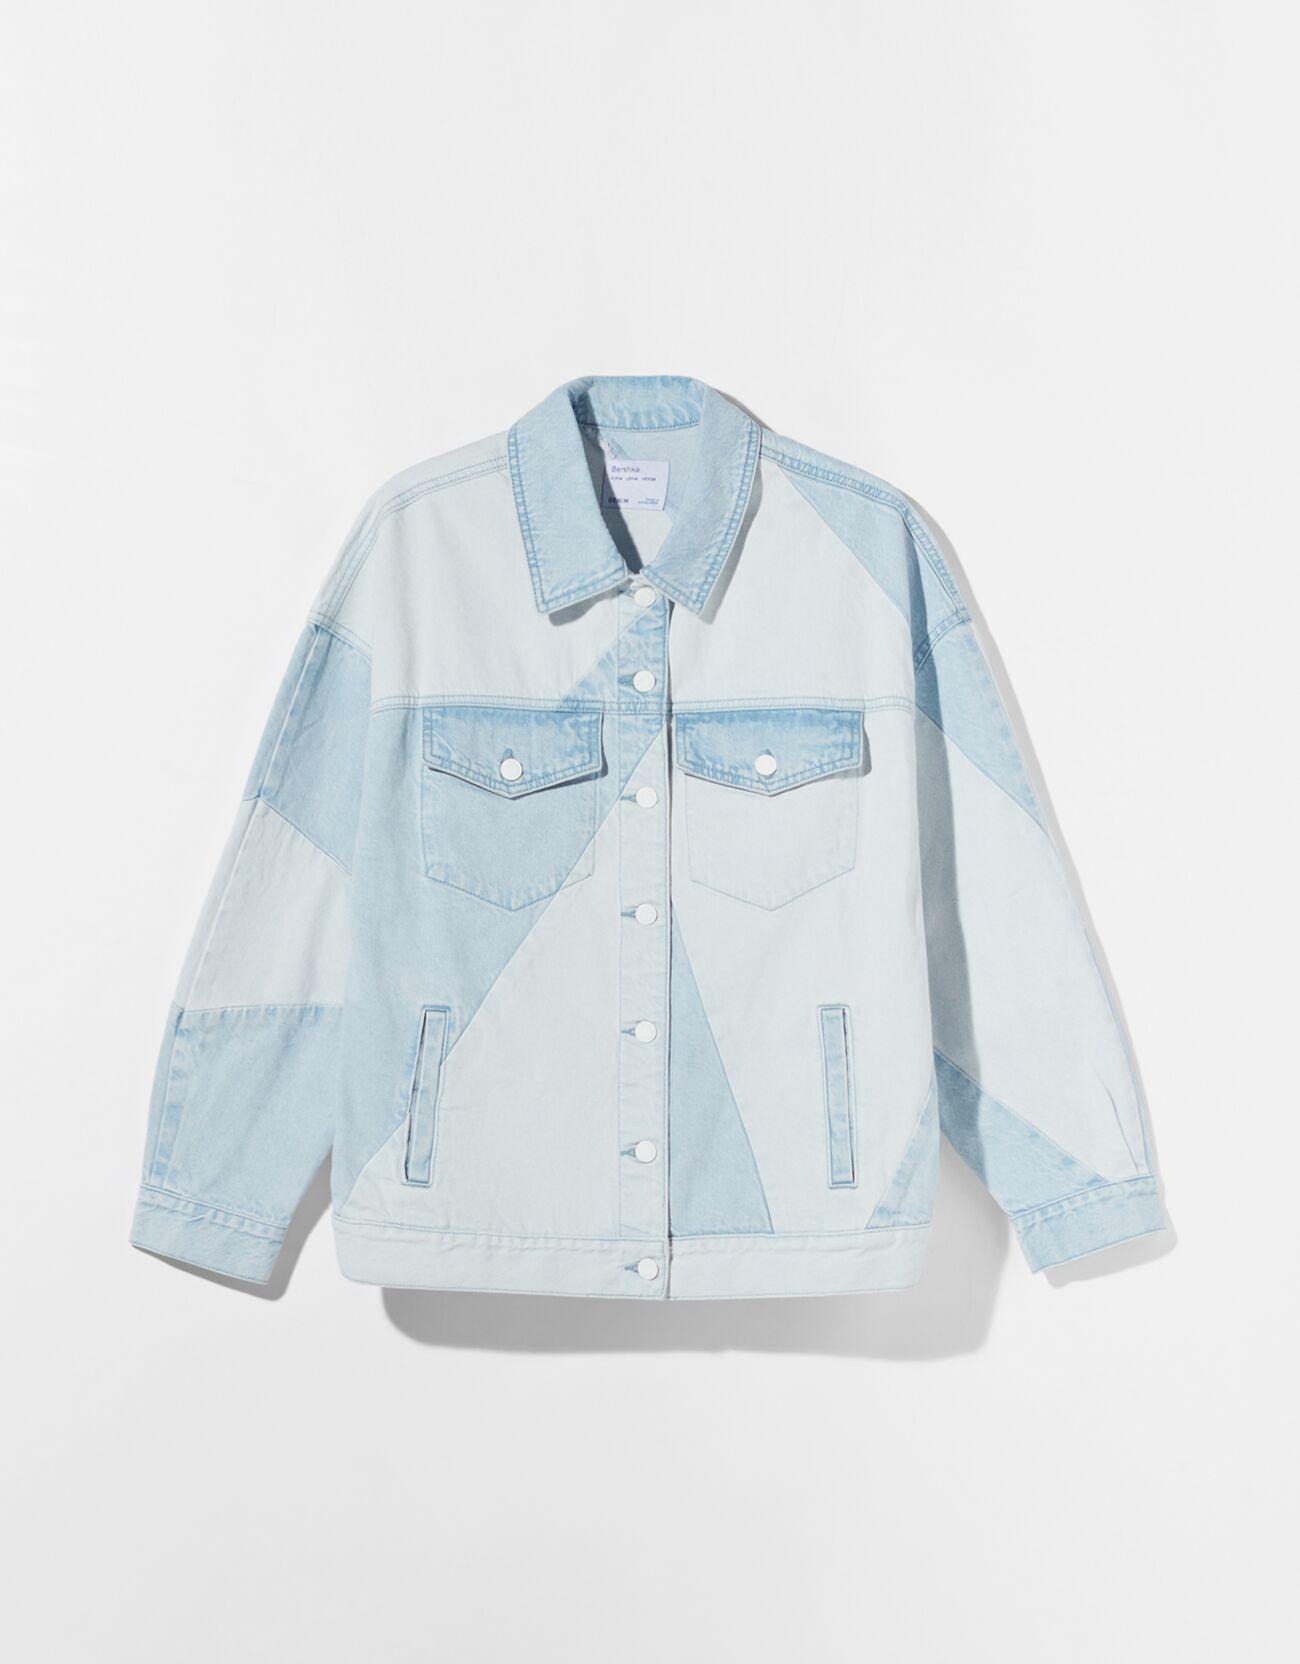 Комбинированная двухцветная джинсовая куртка оверсайз Голубой Bershka